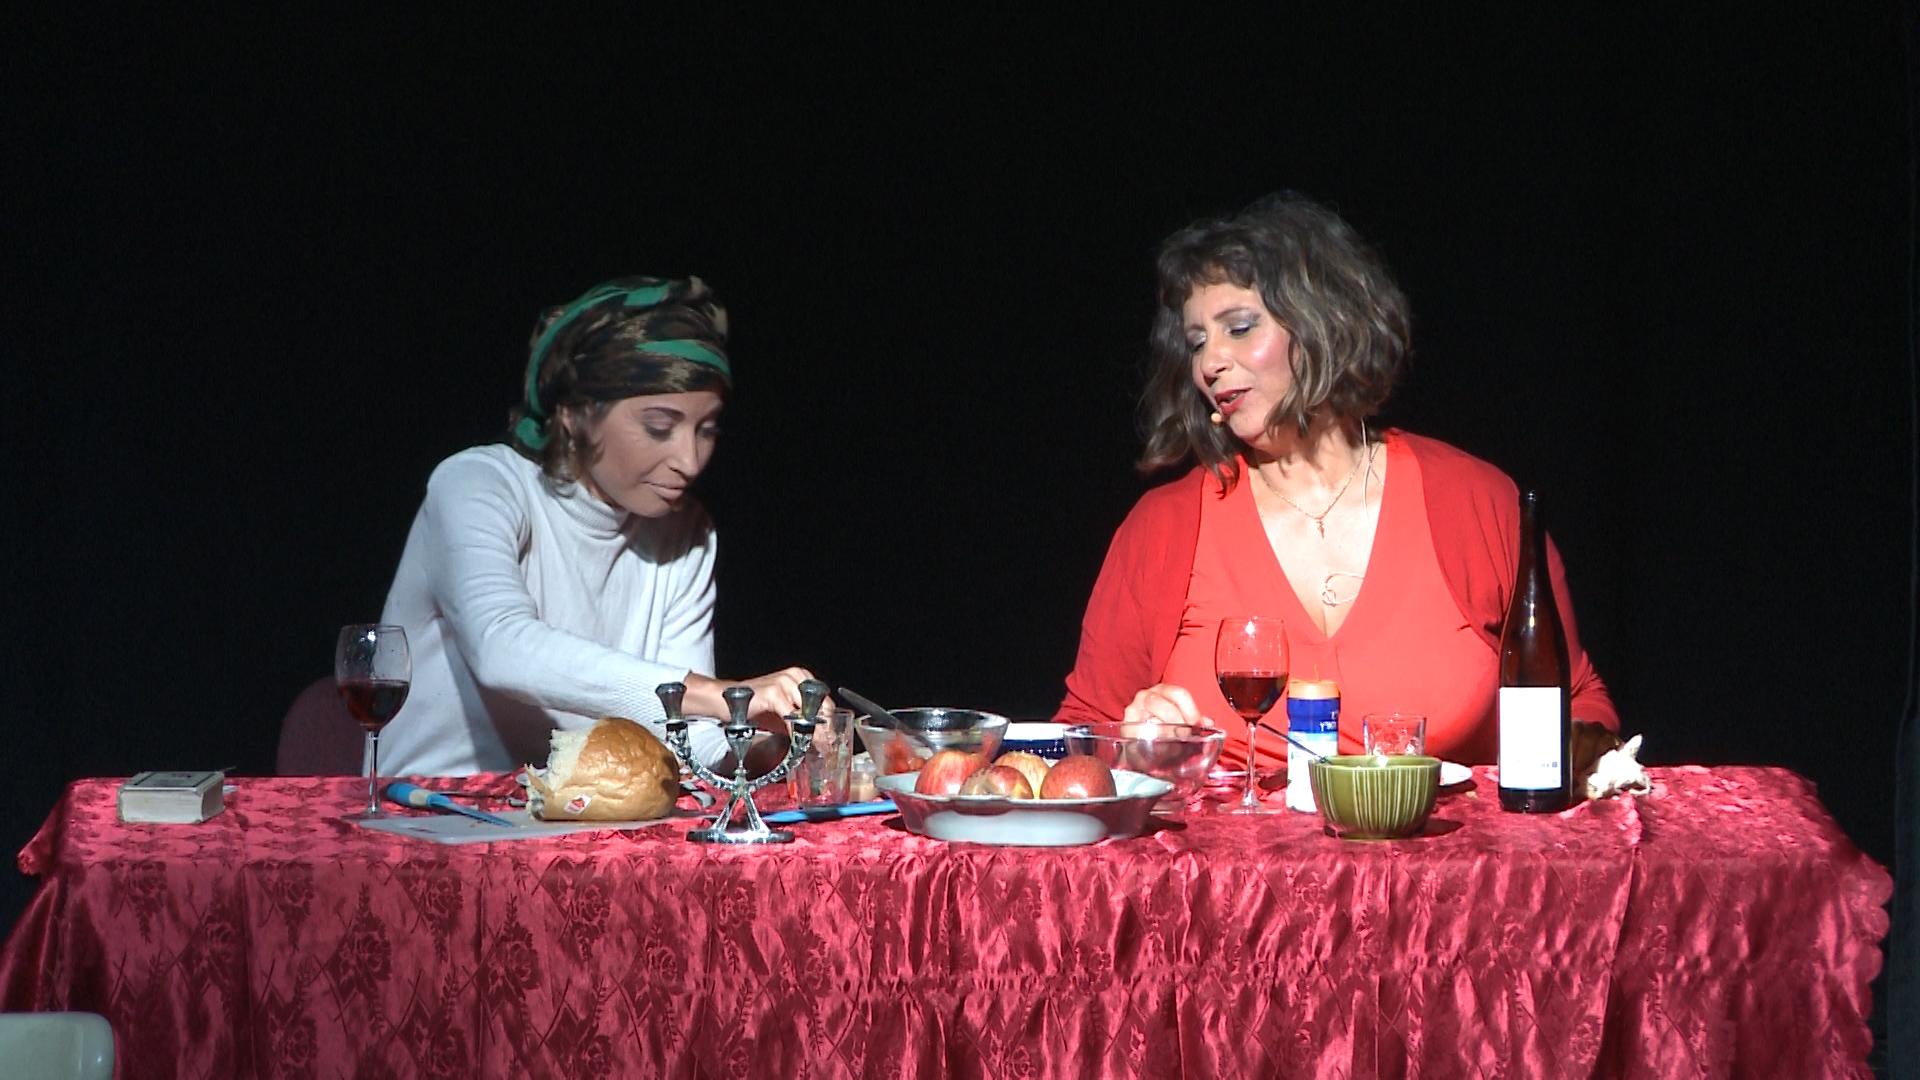 ניקיטוש מישל ציטיאט ודפנה לבנון